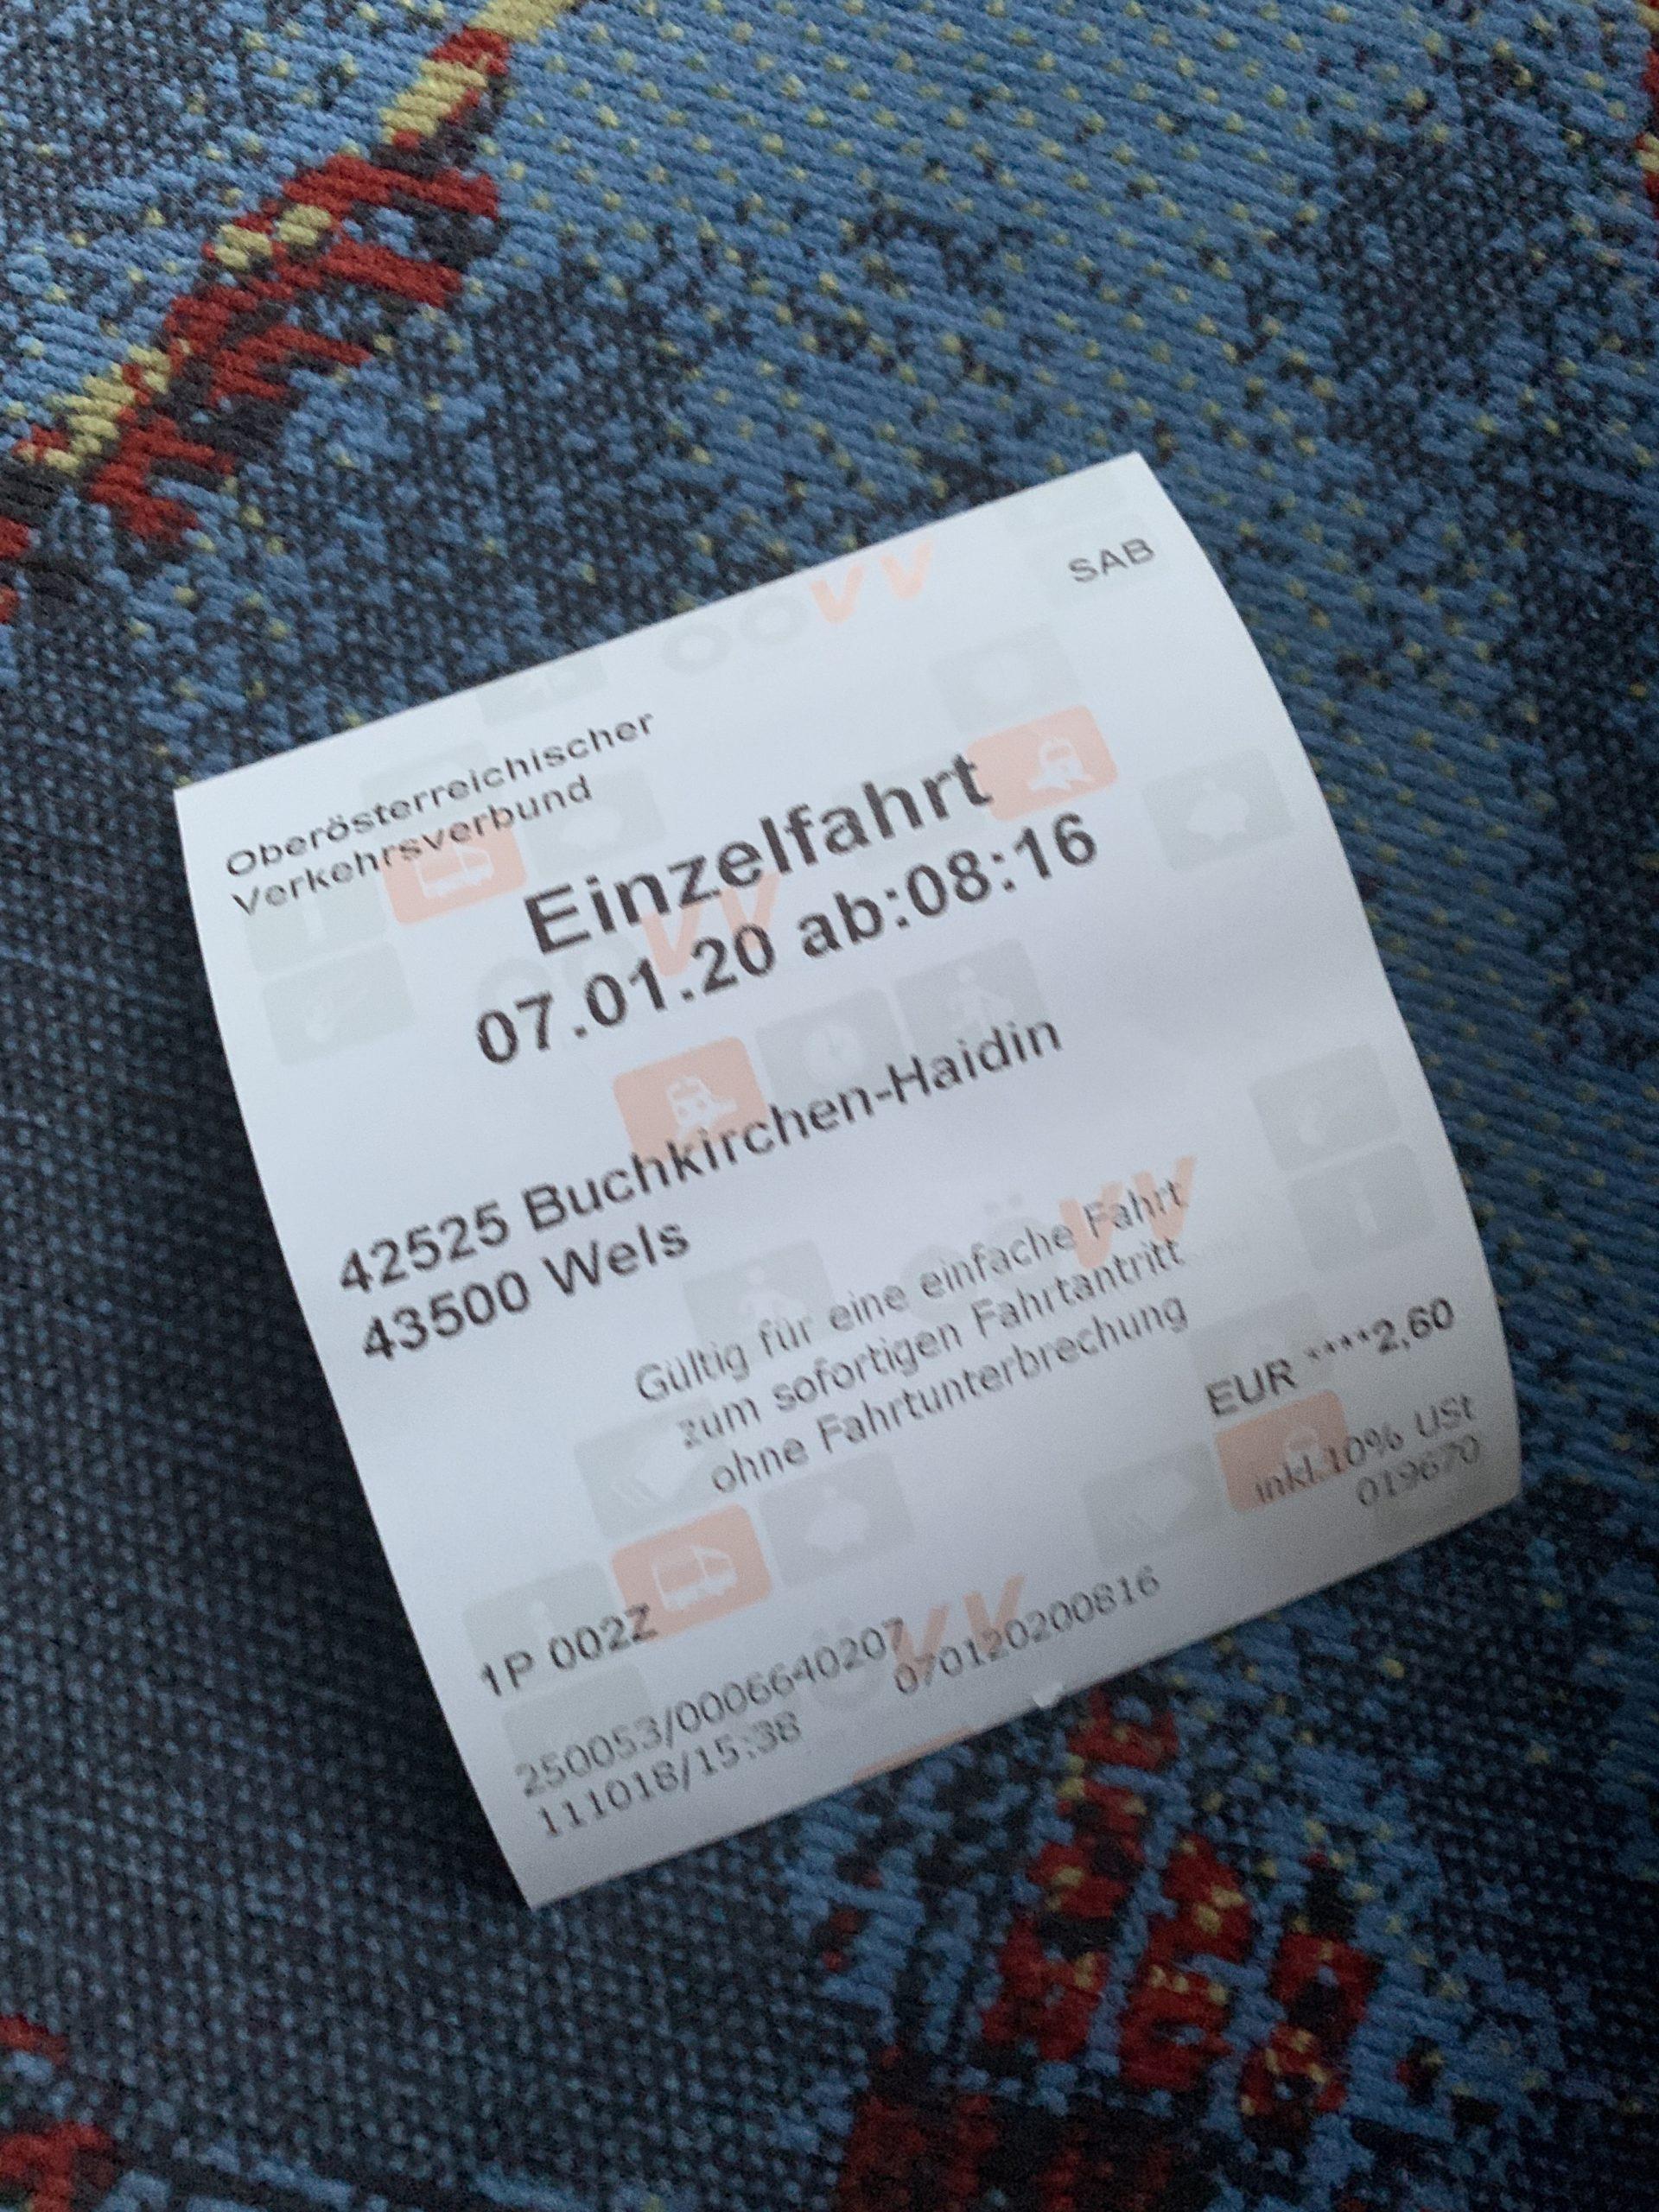 Sie sucht ihn kreis aus buchkirchen - Ferndorf singlebrsen kostenlos